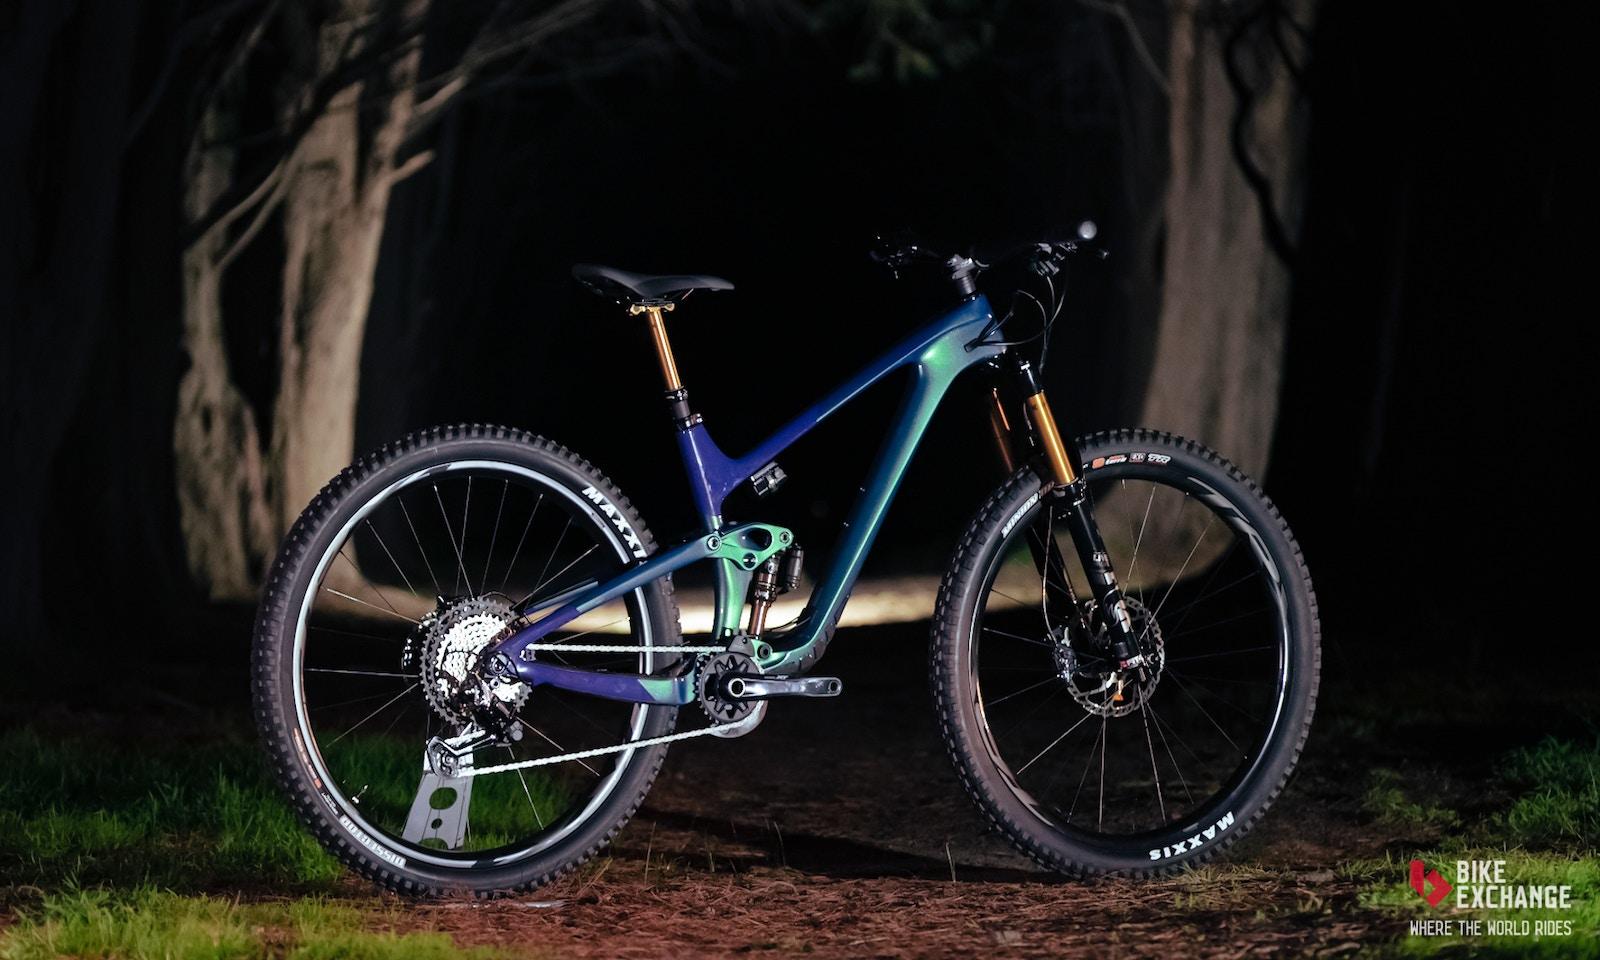 Giant Trance X Advanced Pro 29 0 Trail Mountain Bike Review